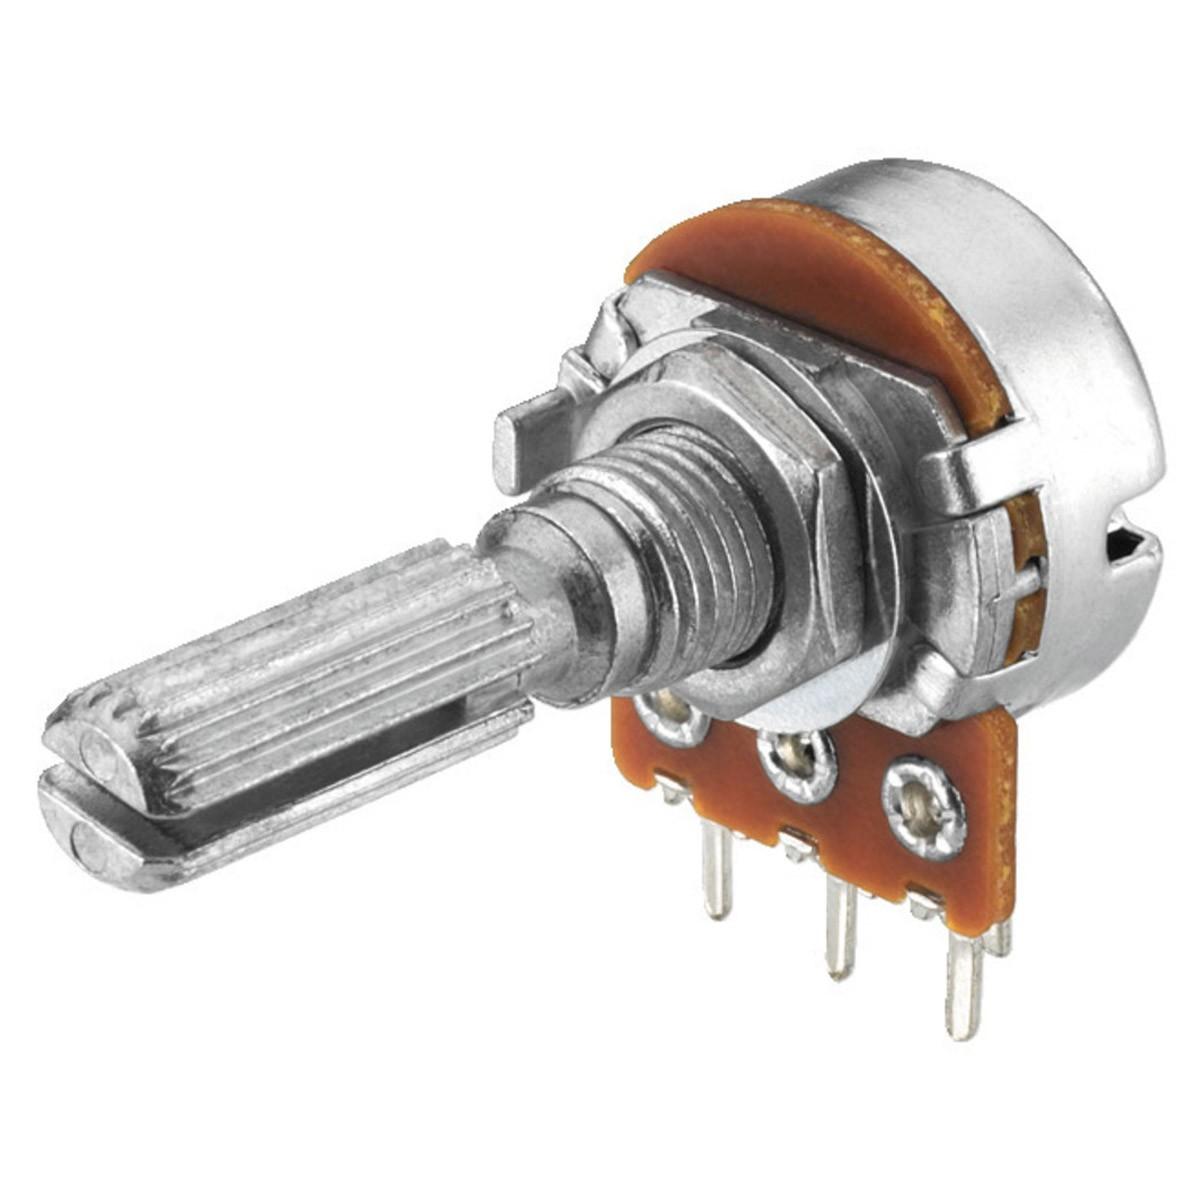 Mono VRB-100M20 20kohm Potentiometer